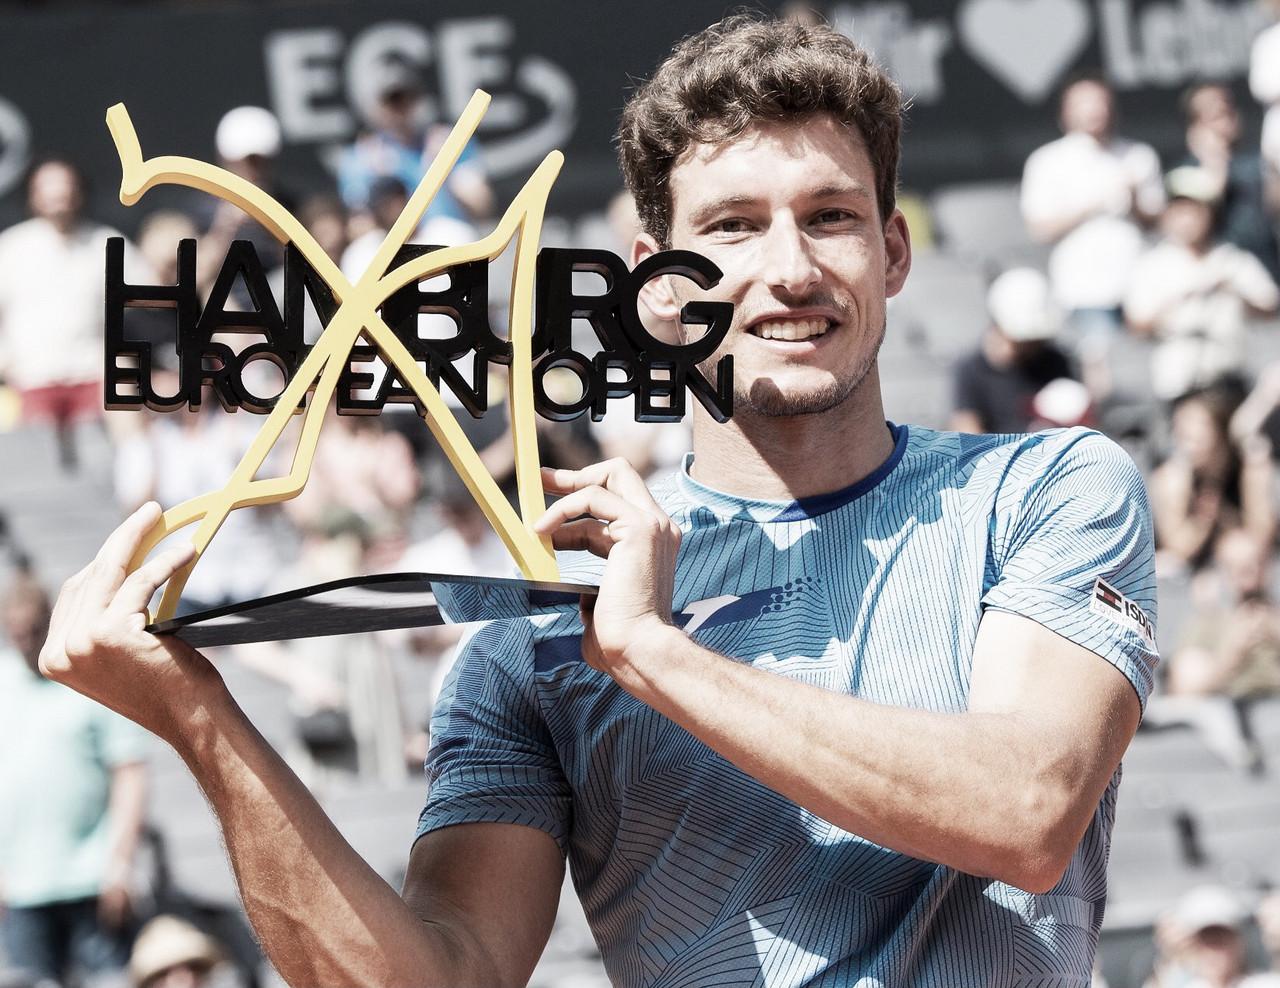 Carreño Busta bate Krajinovic na final em Hamburgo e conquista maior título na carreira